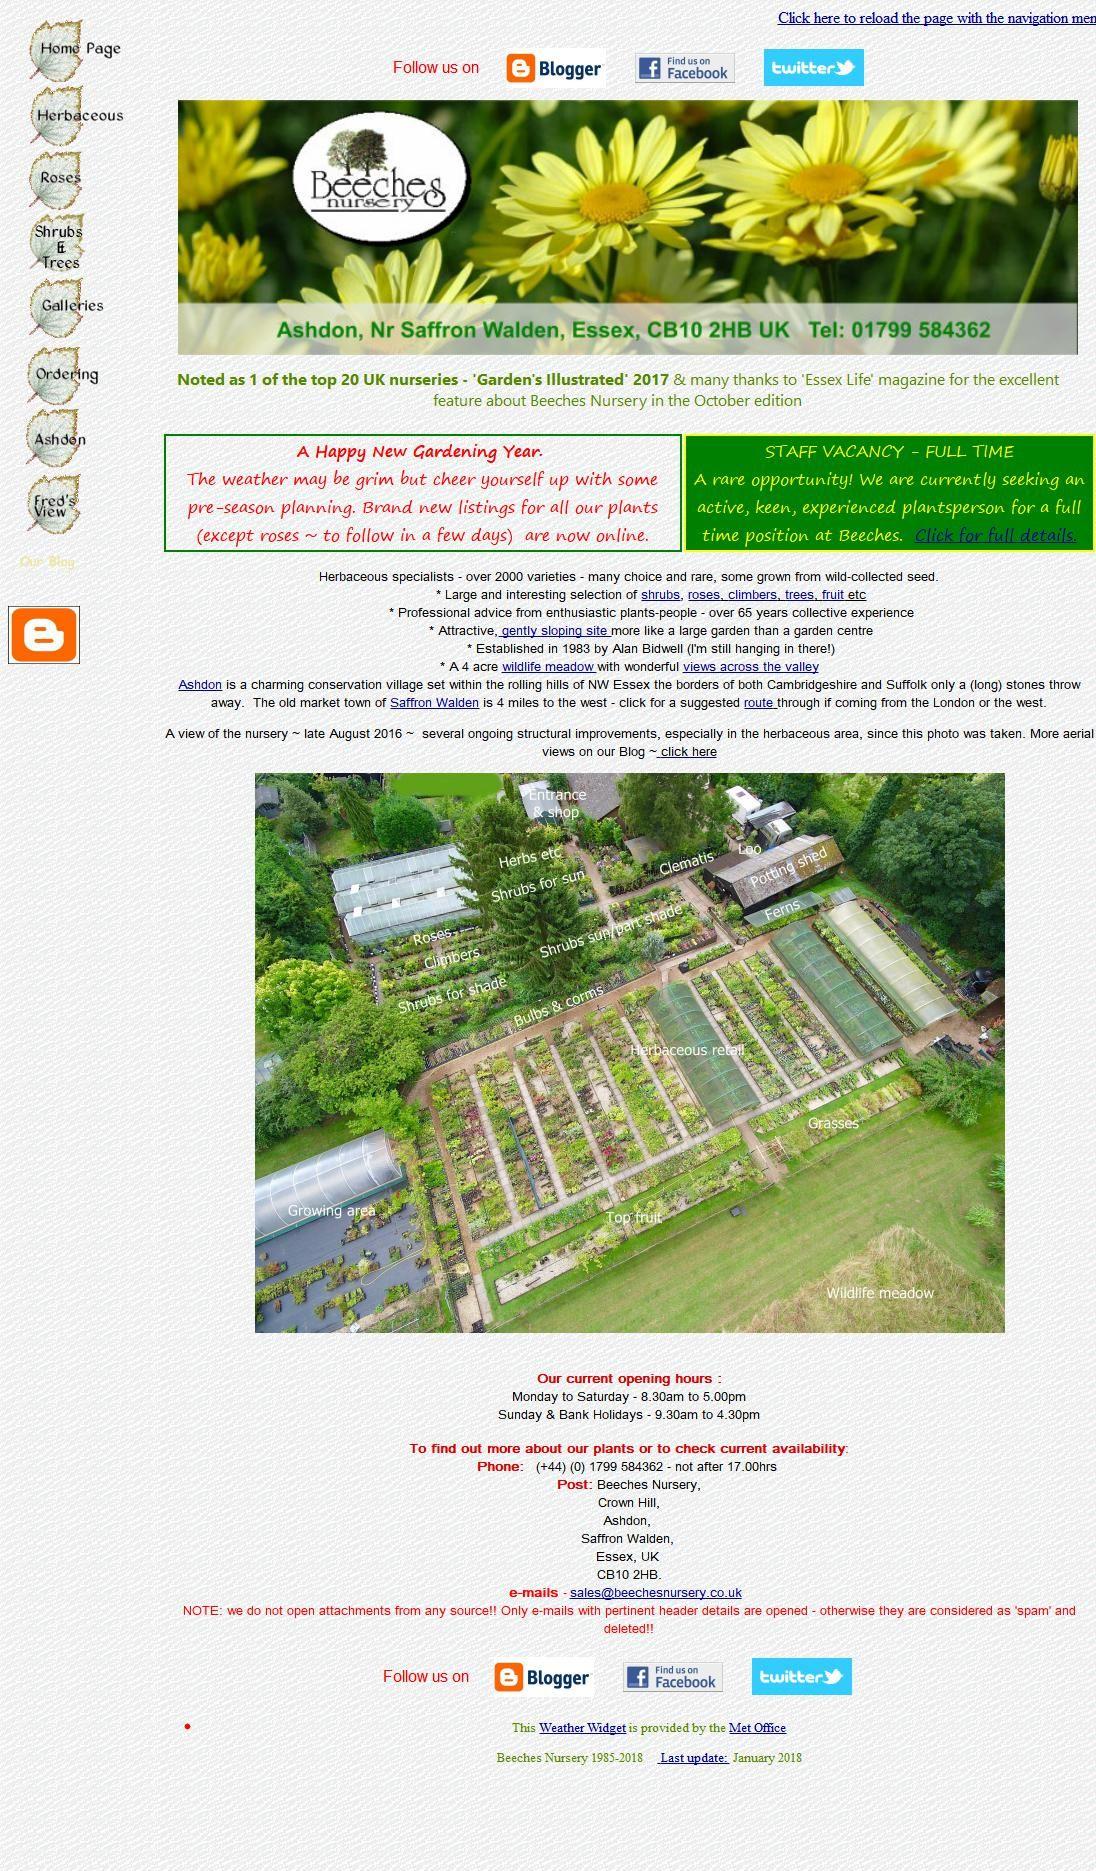 Beeches Garden Centres & Nurseries Village Centre Ashdon